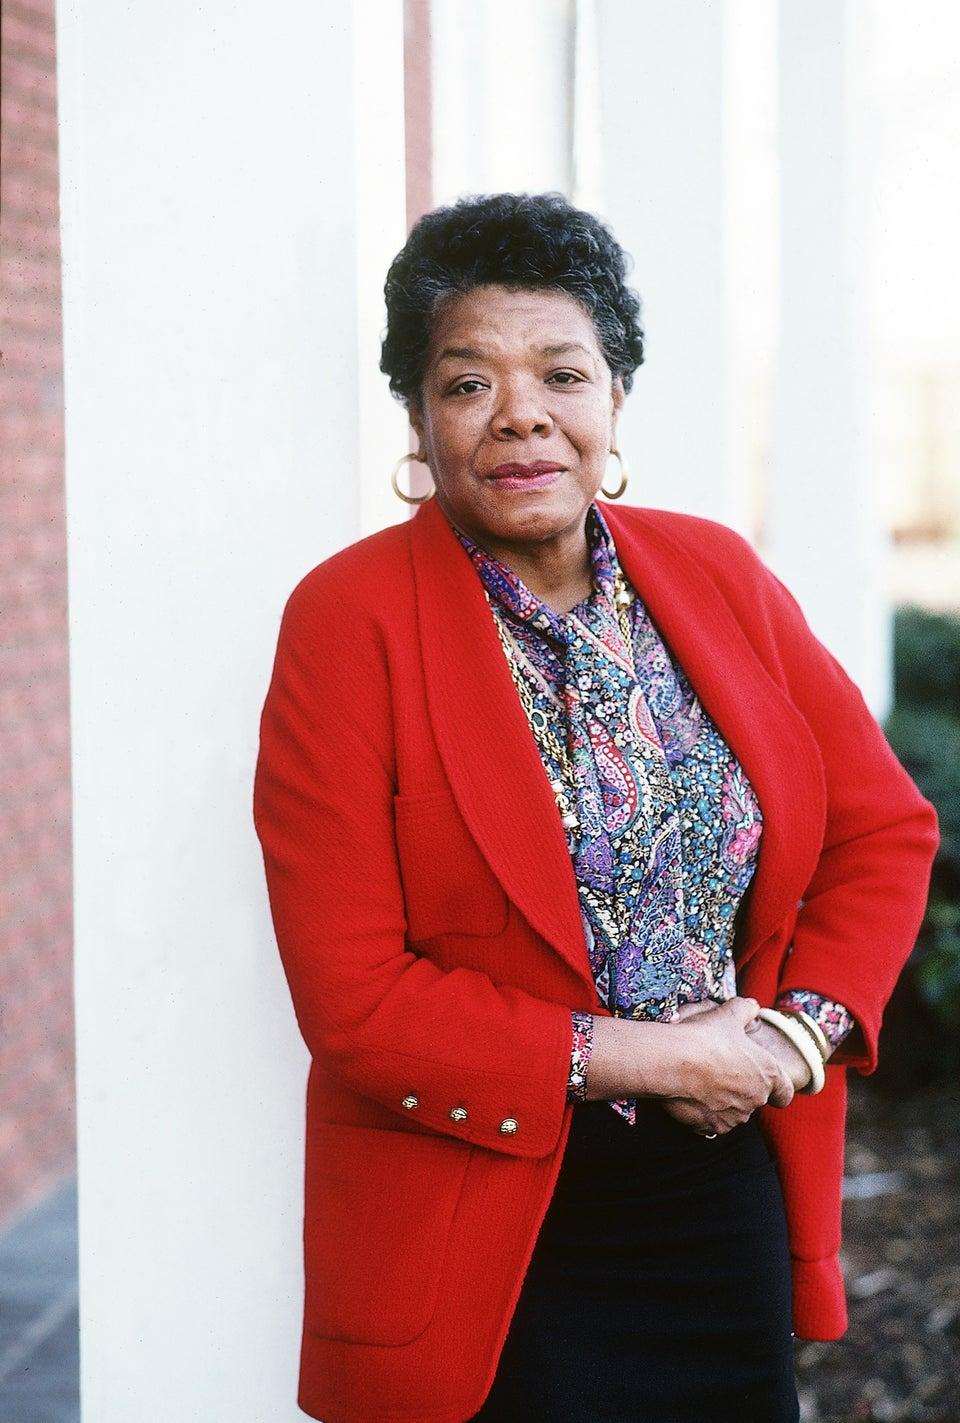 Quincy Jones Releases Statement on Maya Angelou's Passing